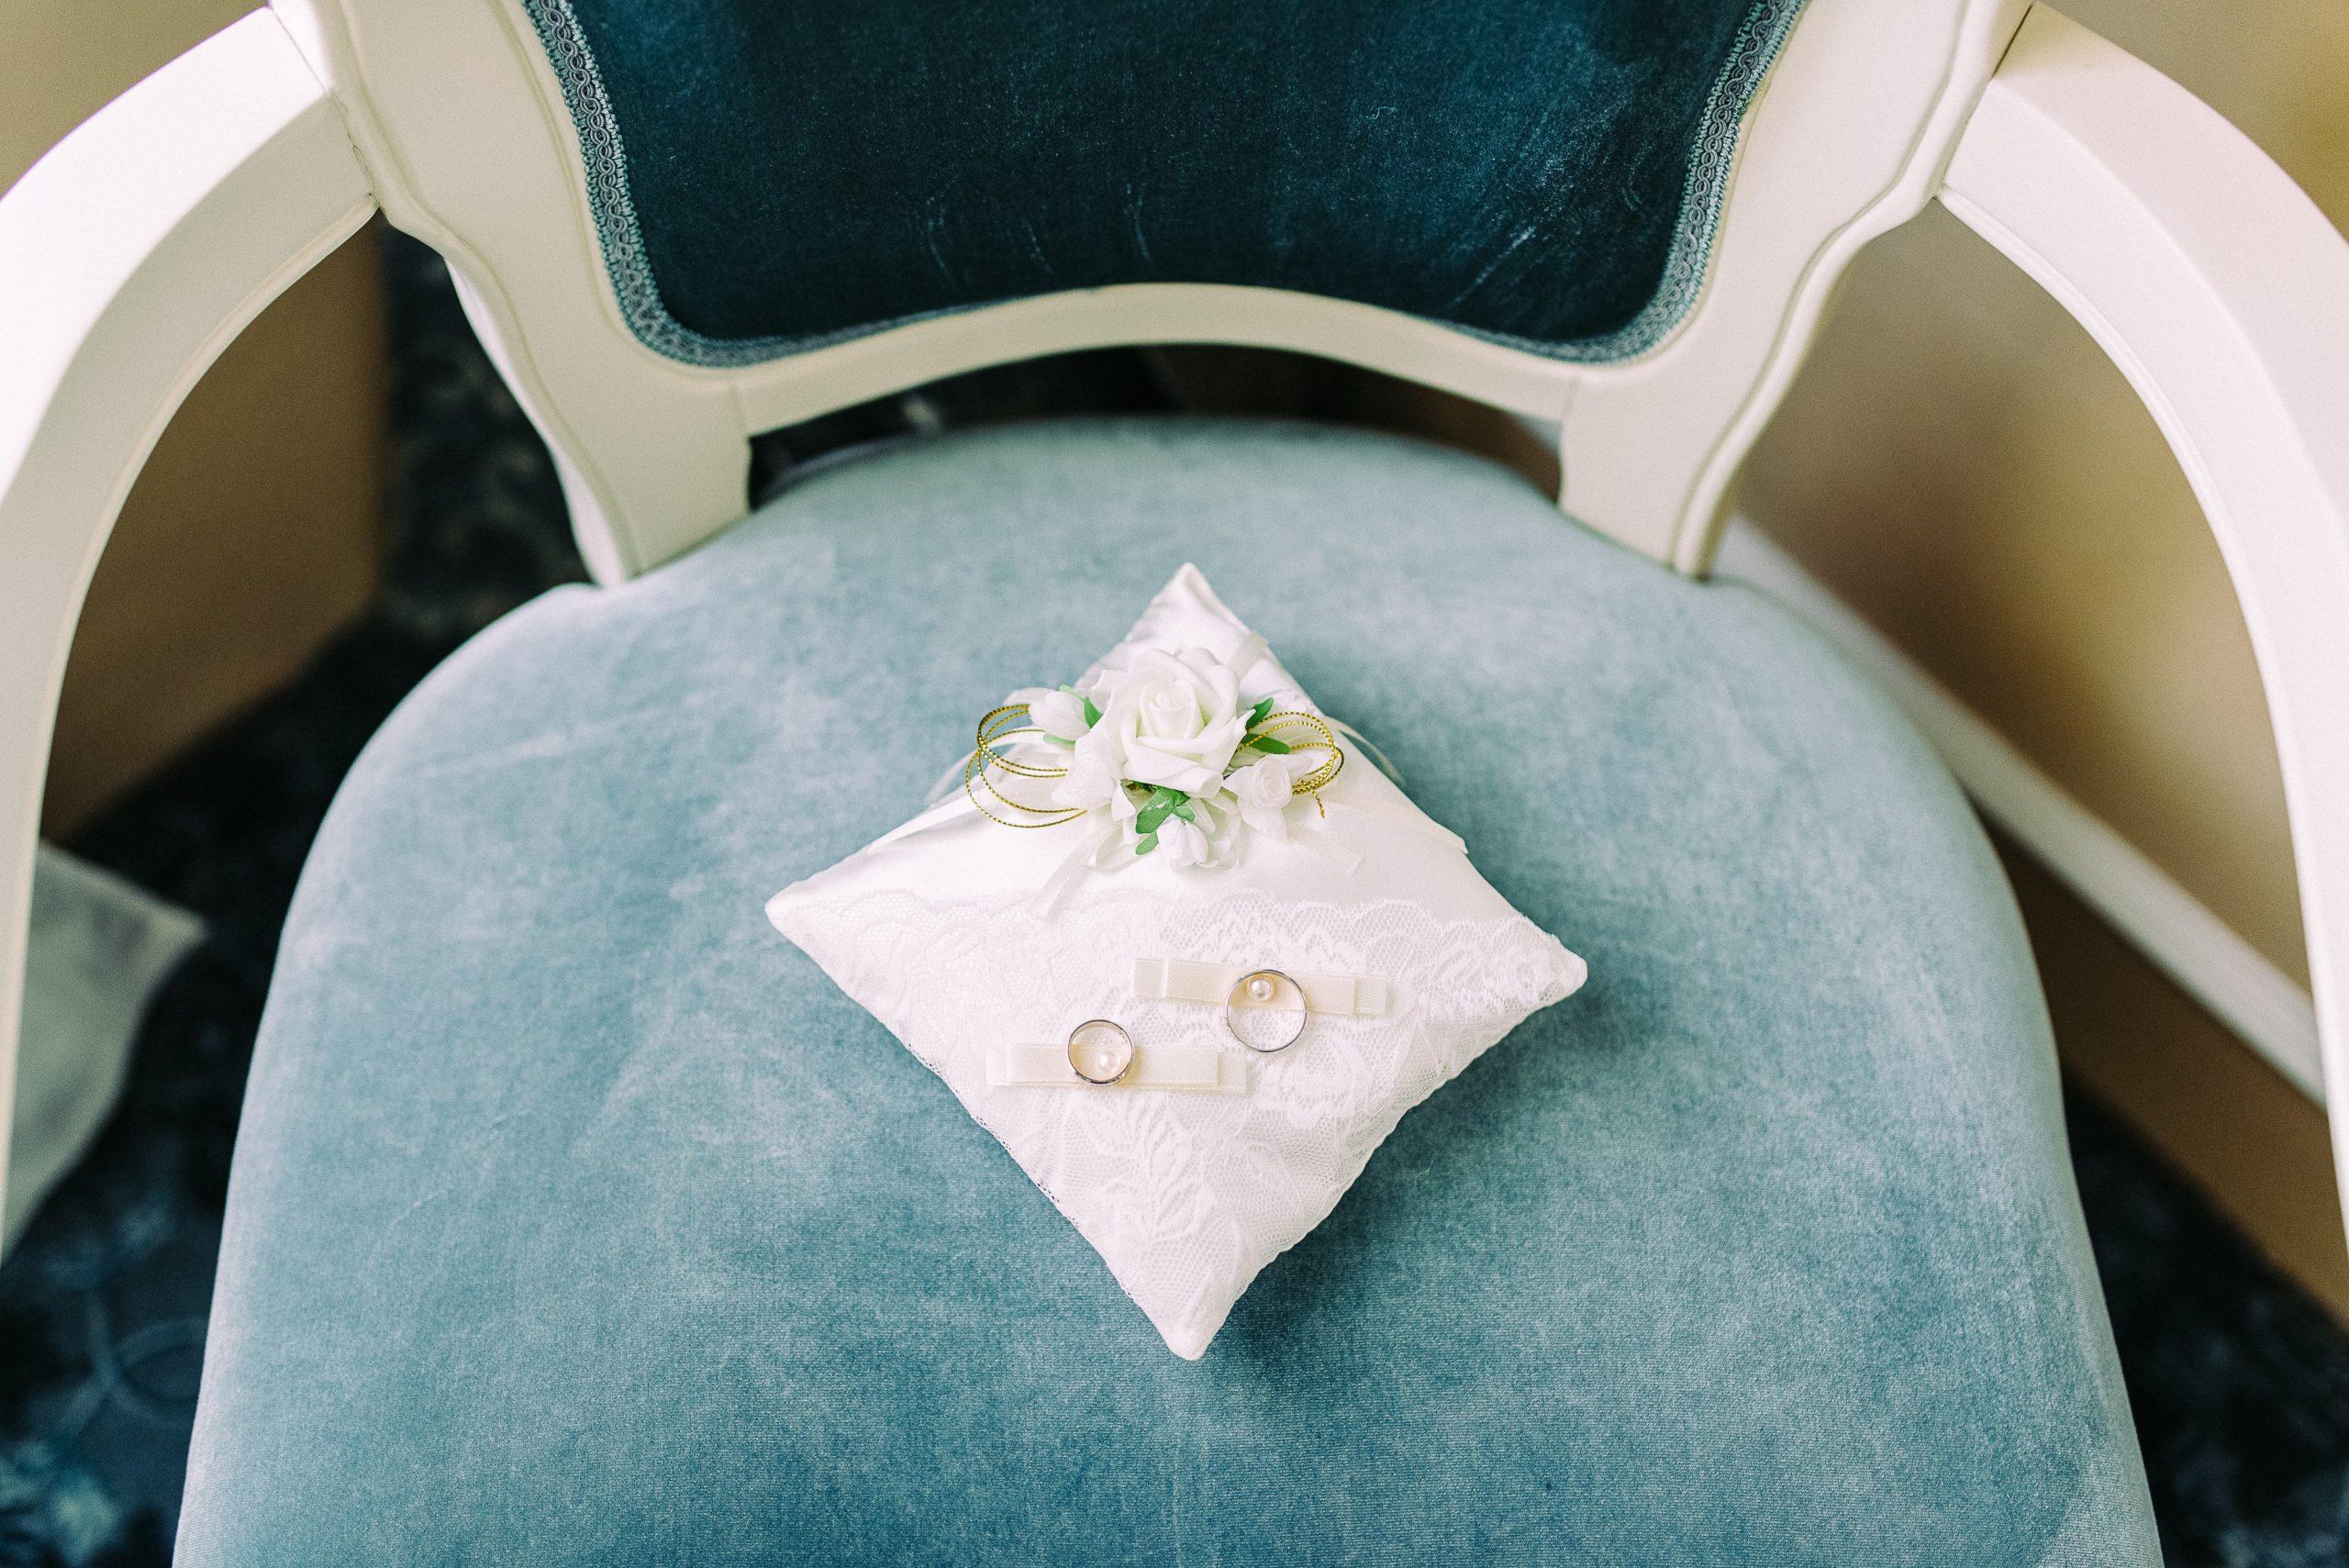 white-pillow-on-white-wooden-armchair-1676128